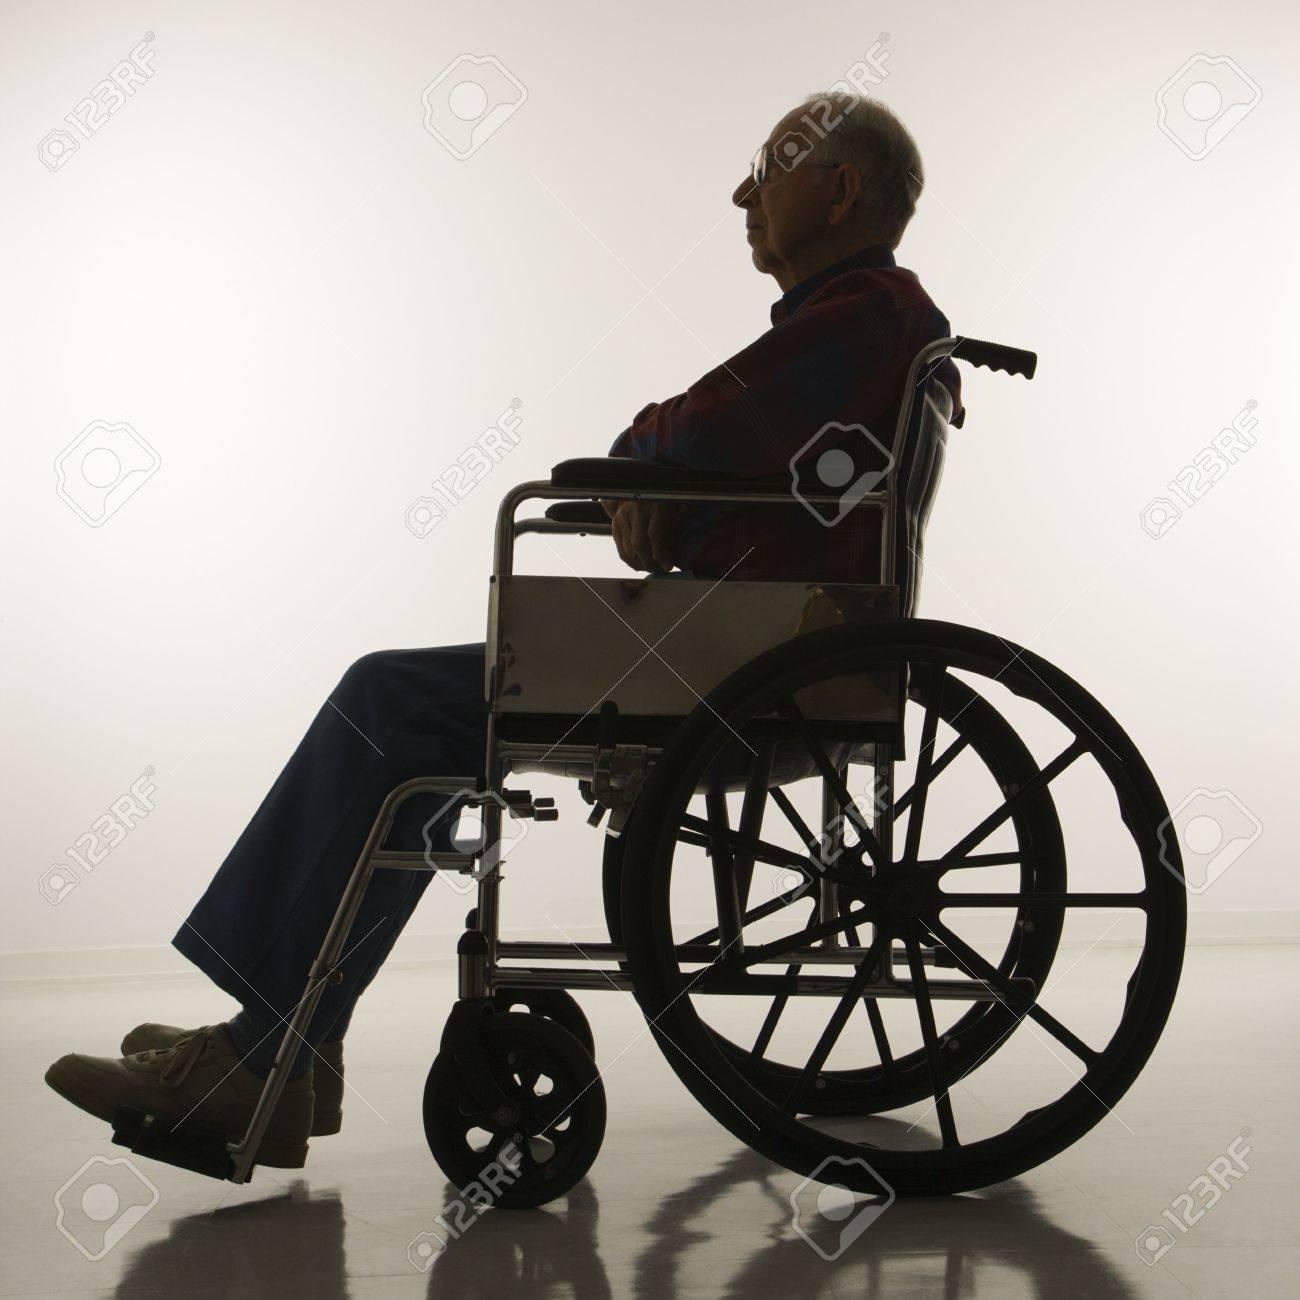 ANTOLOGÍA--CADÁVER EN PROSA. 2389049-Perfil-de-vista-de-silhouetted-Caucasion-anciano-sentado-en-silla-de-ruedas--Foto-de-archivo